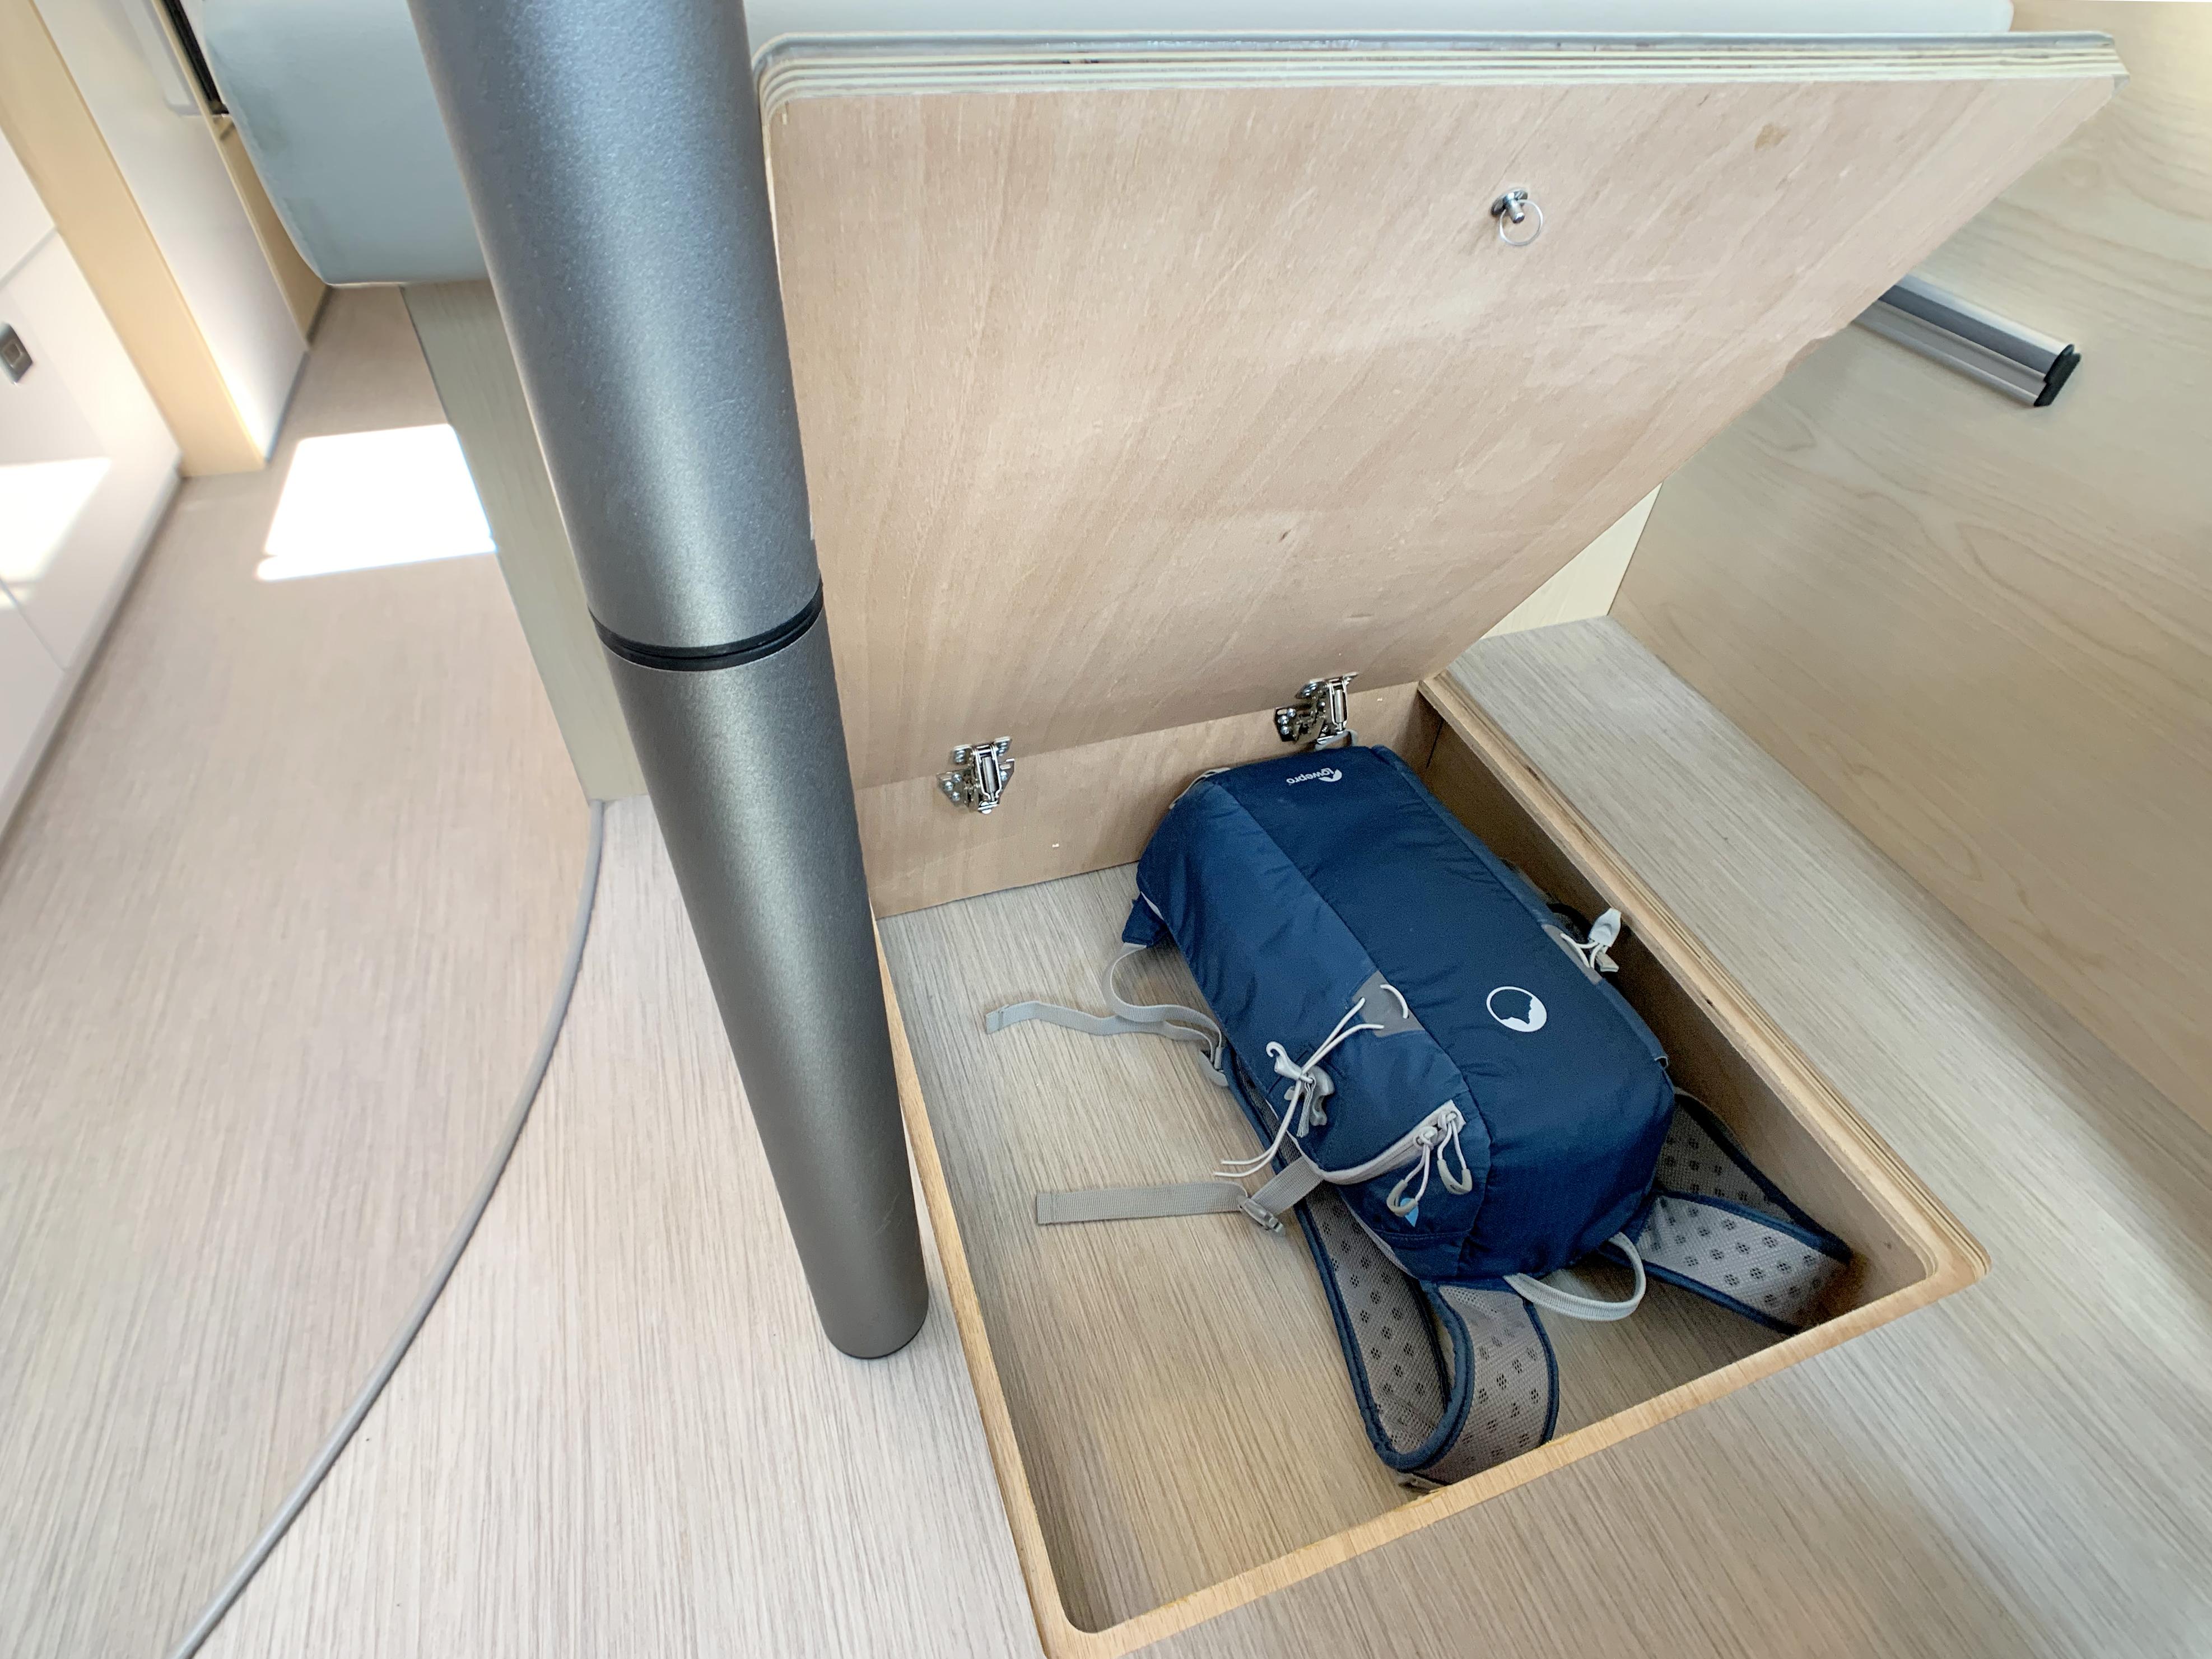 Panoramic RV - Floor compartment